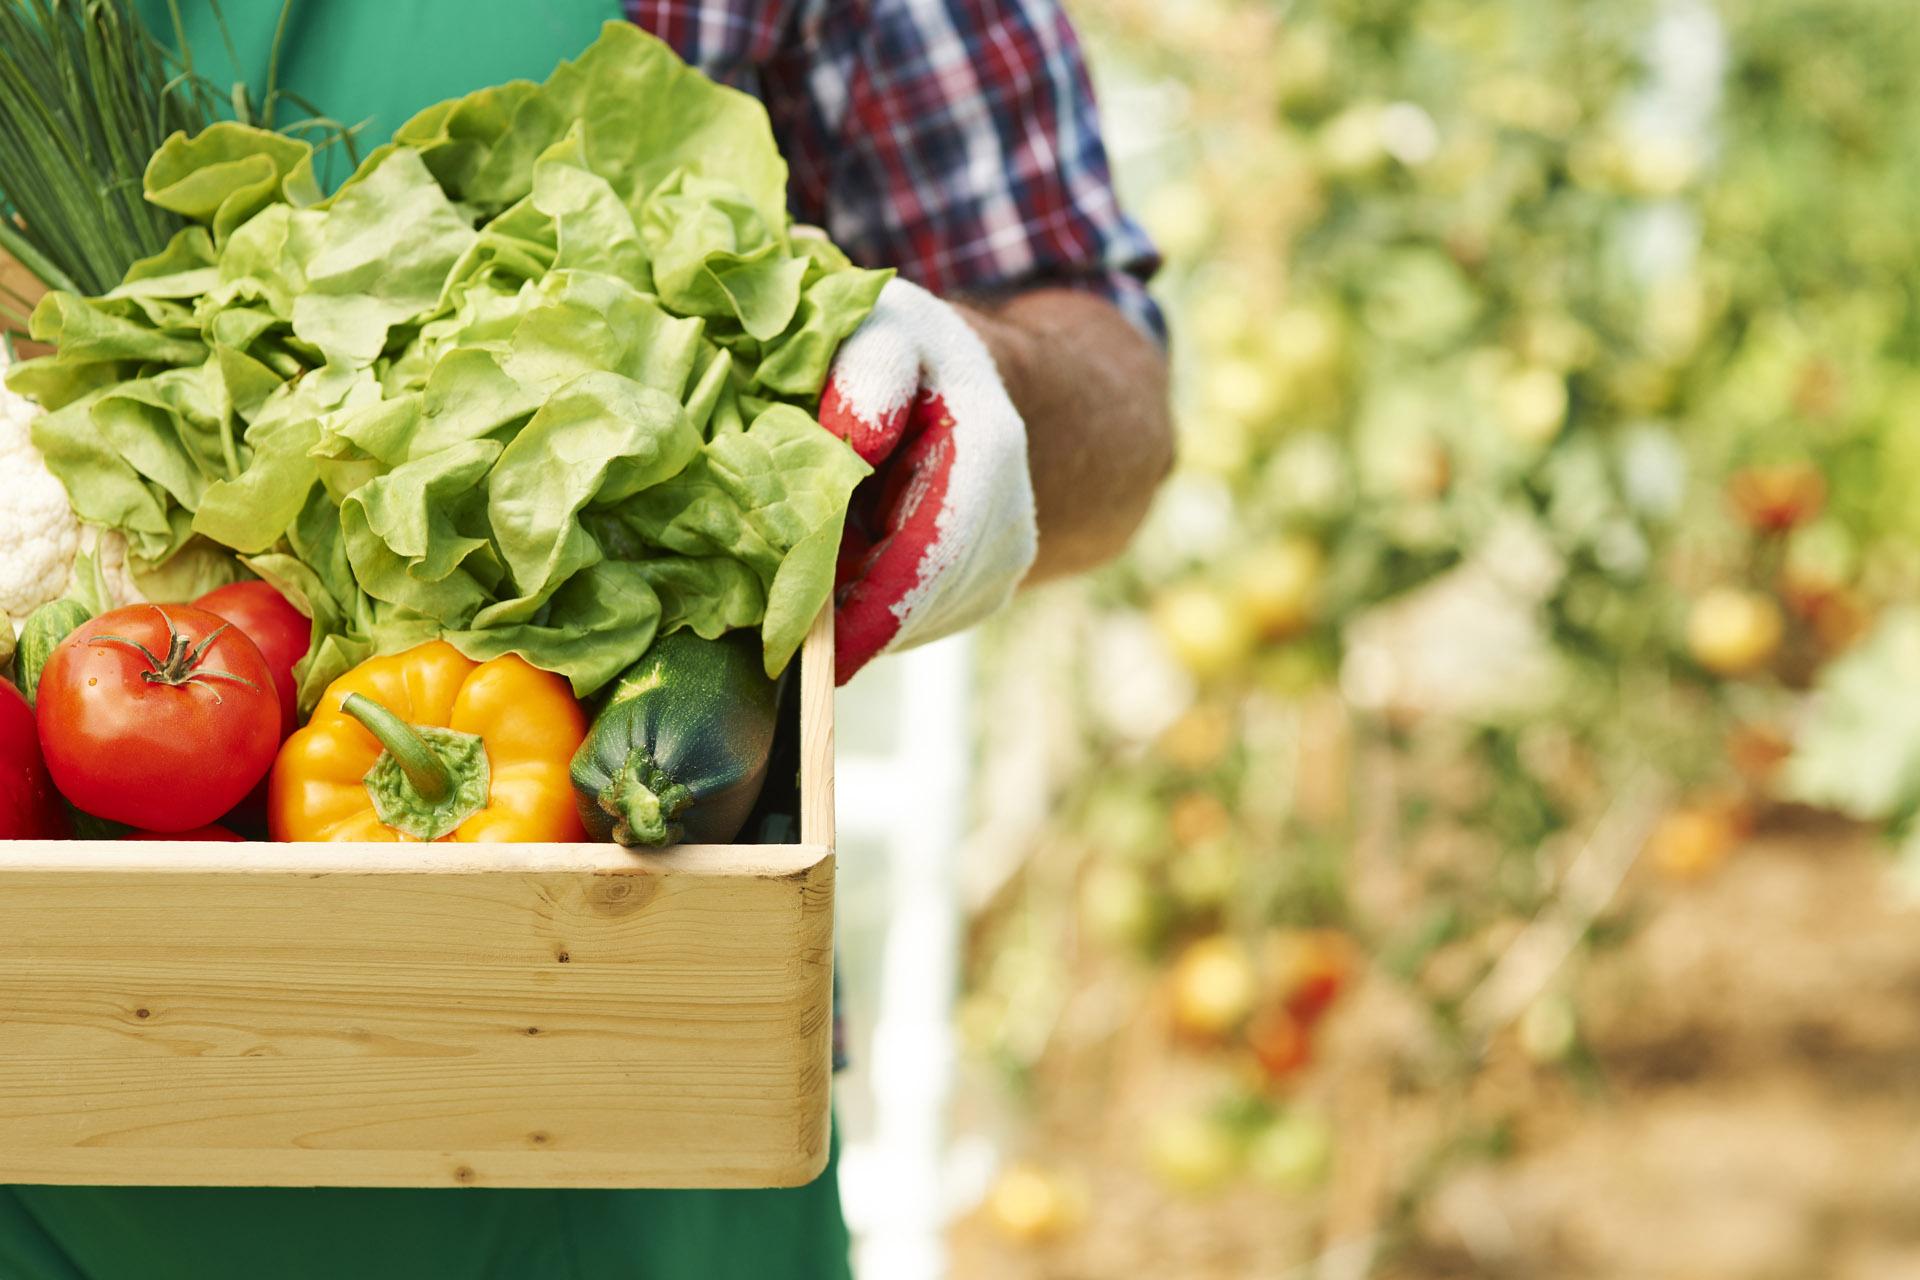 Prikupljenim zekatom na poljoprivredne proizvode pomognut rad javnih kuhinja, bolnica i humantiranih organizacija